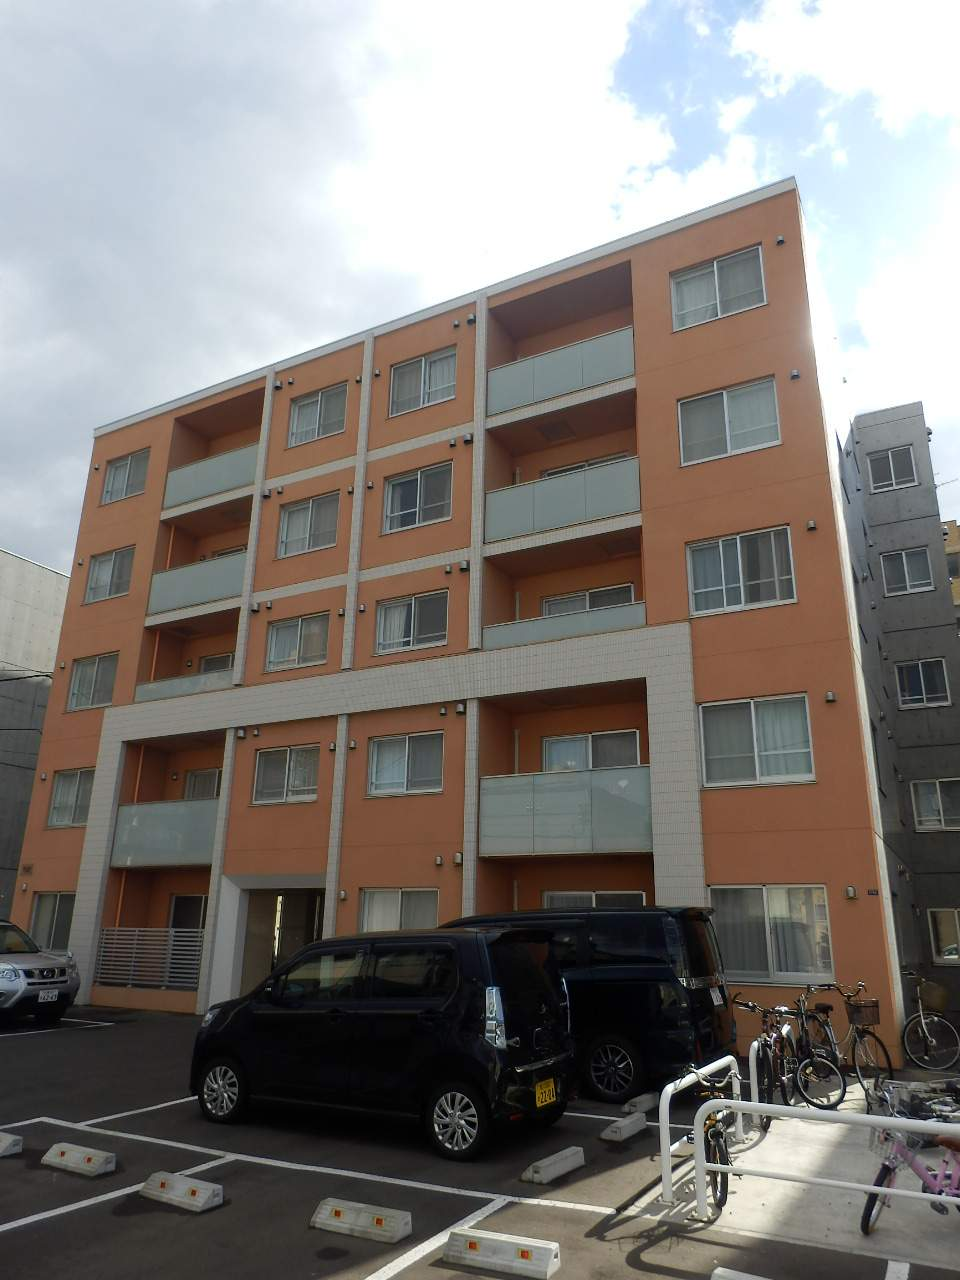 北海道札幌市中央区、中島公園駅徒歩15分の築4年 5階建の賃貸マンション